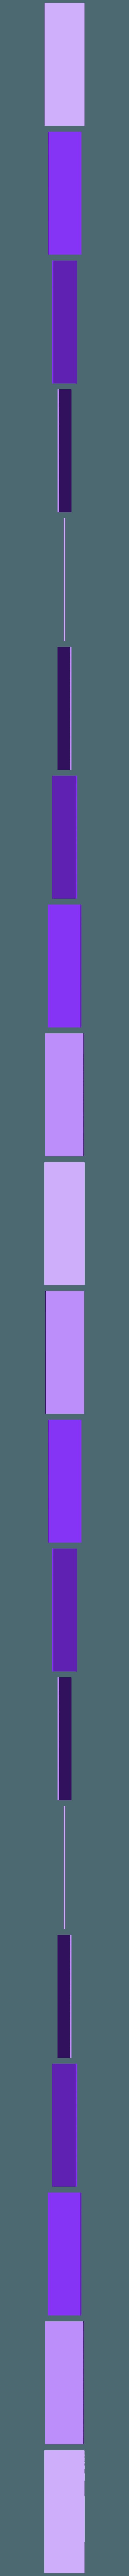 top_screen_insert.stl Télécharger fichier STL gratuit Ghostbuster Ghostbuster Ghosttrap • Modèle pour impression 3D, SLIDES